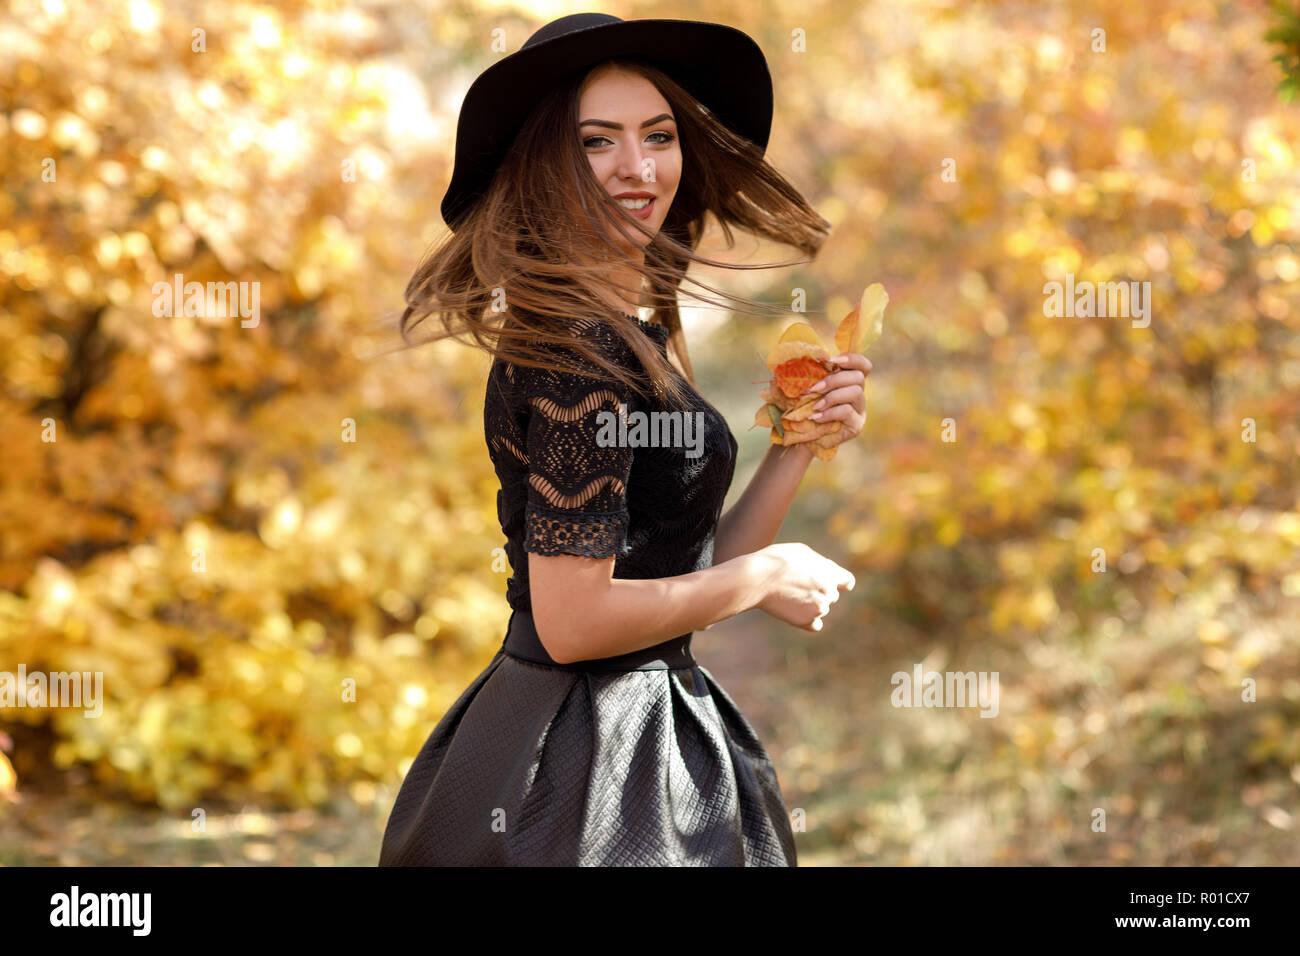 82f4df7ec280 Bella donna in abito nero e il cappello in autunno Foto   Immagine ...